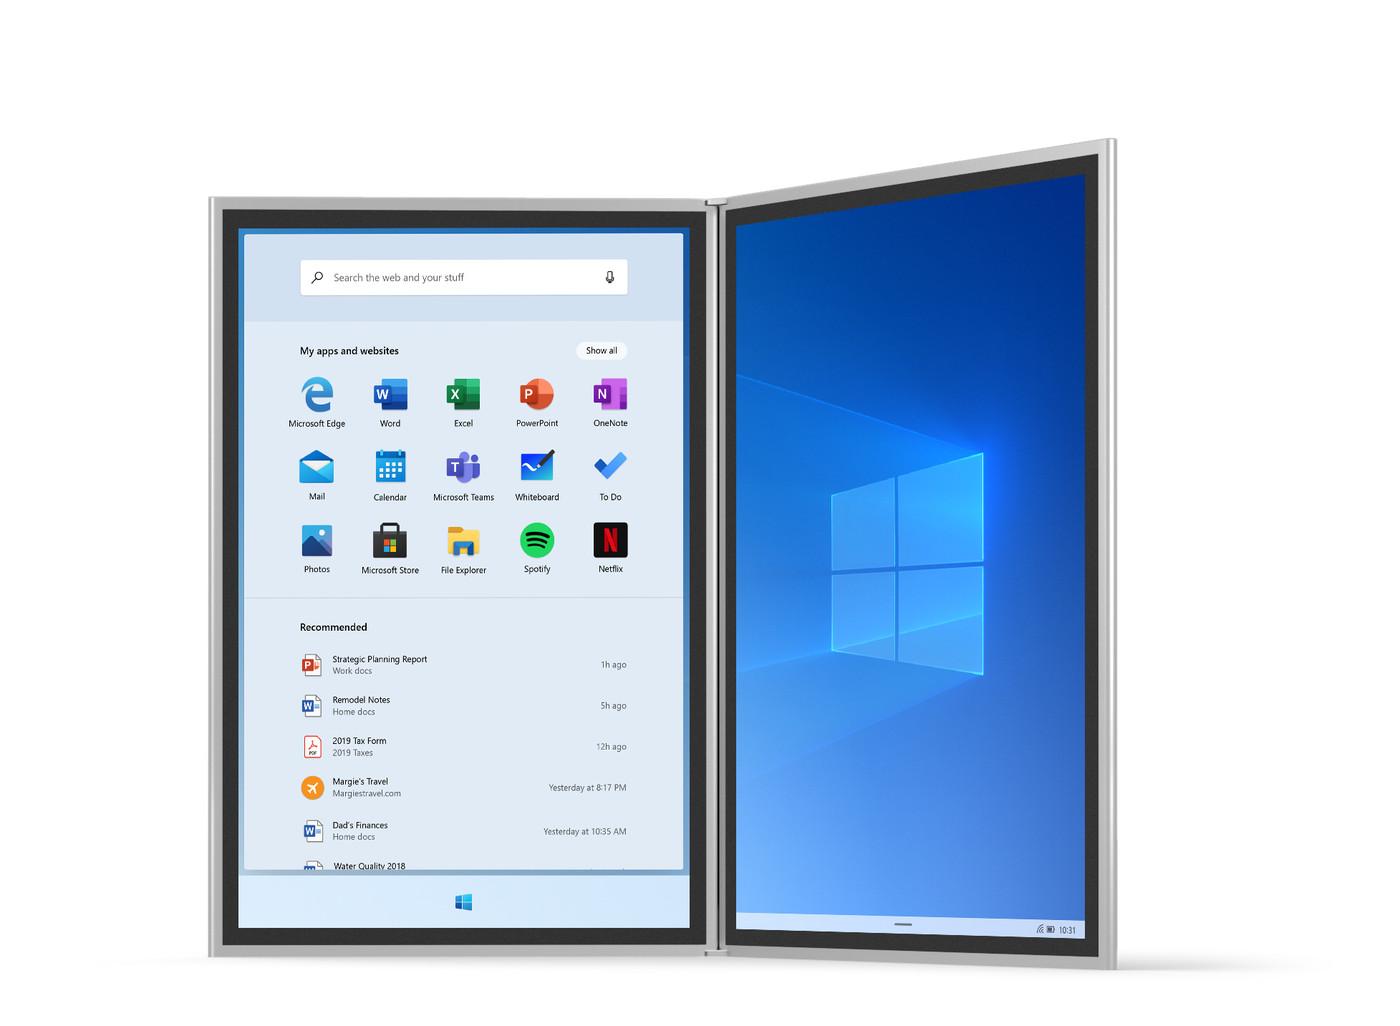 ویندوز 10x / windows 10x